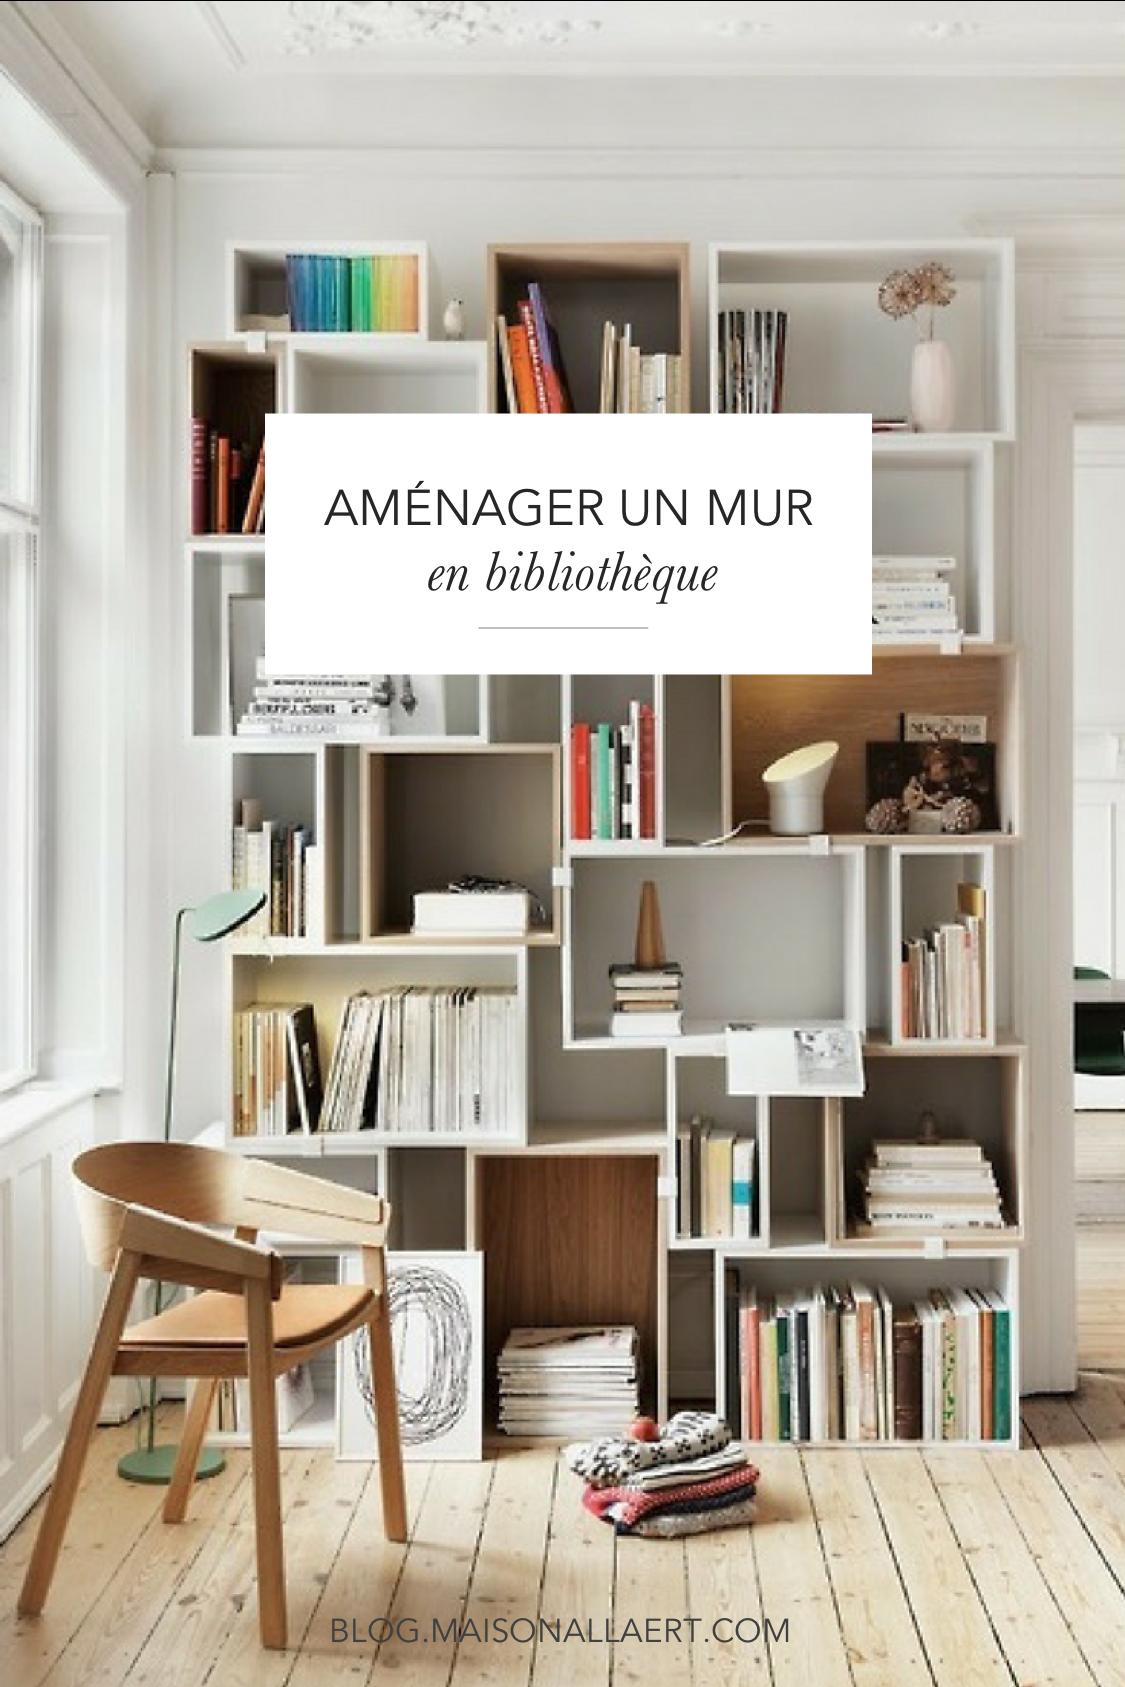 Amenager bibliotheque murale bureau pinterest mobilier de salon bibliotheque modulable et - Etageres pour salon bibliotheques bureau ...